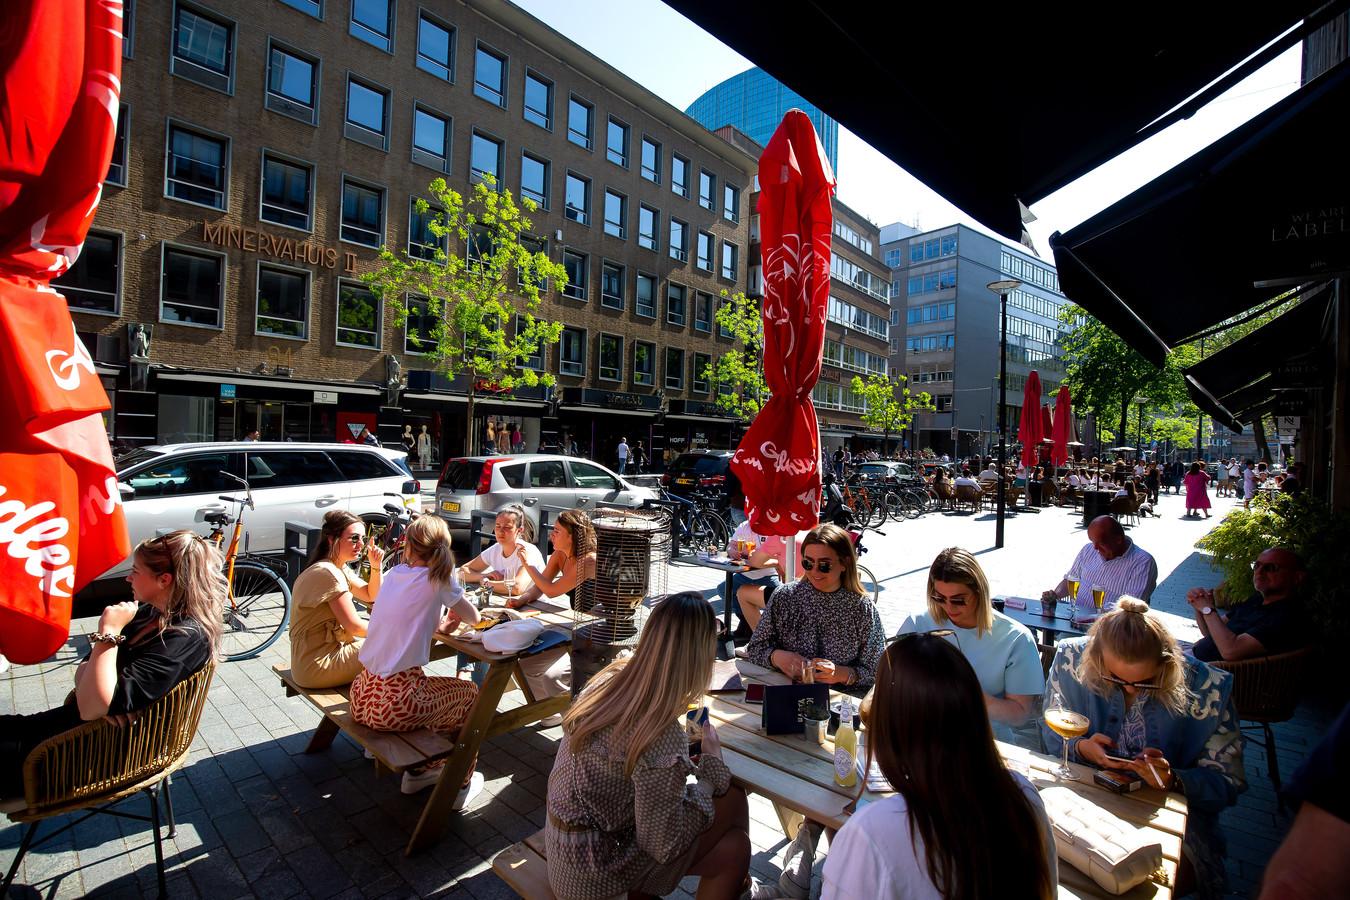 Vriendinnen bij de Huismeester op de Meent in Rotterdam genieten van het mooie weer.